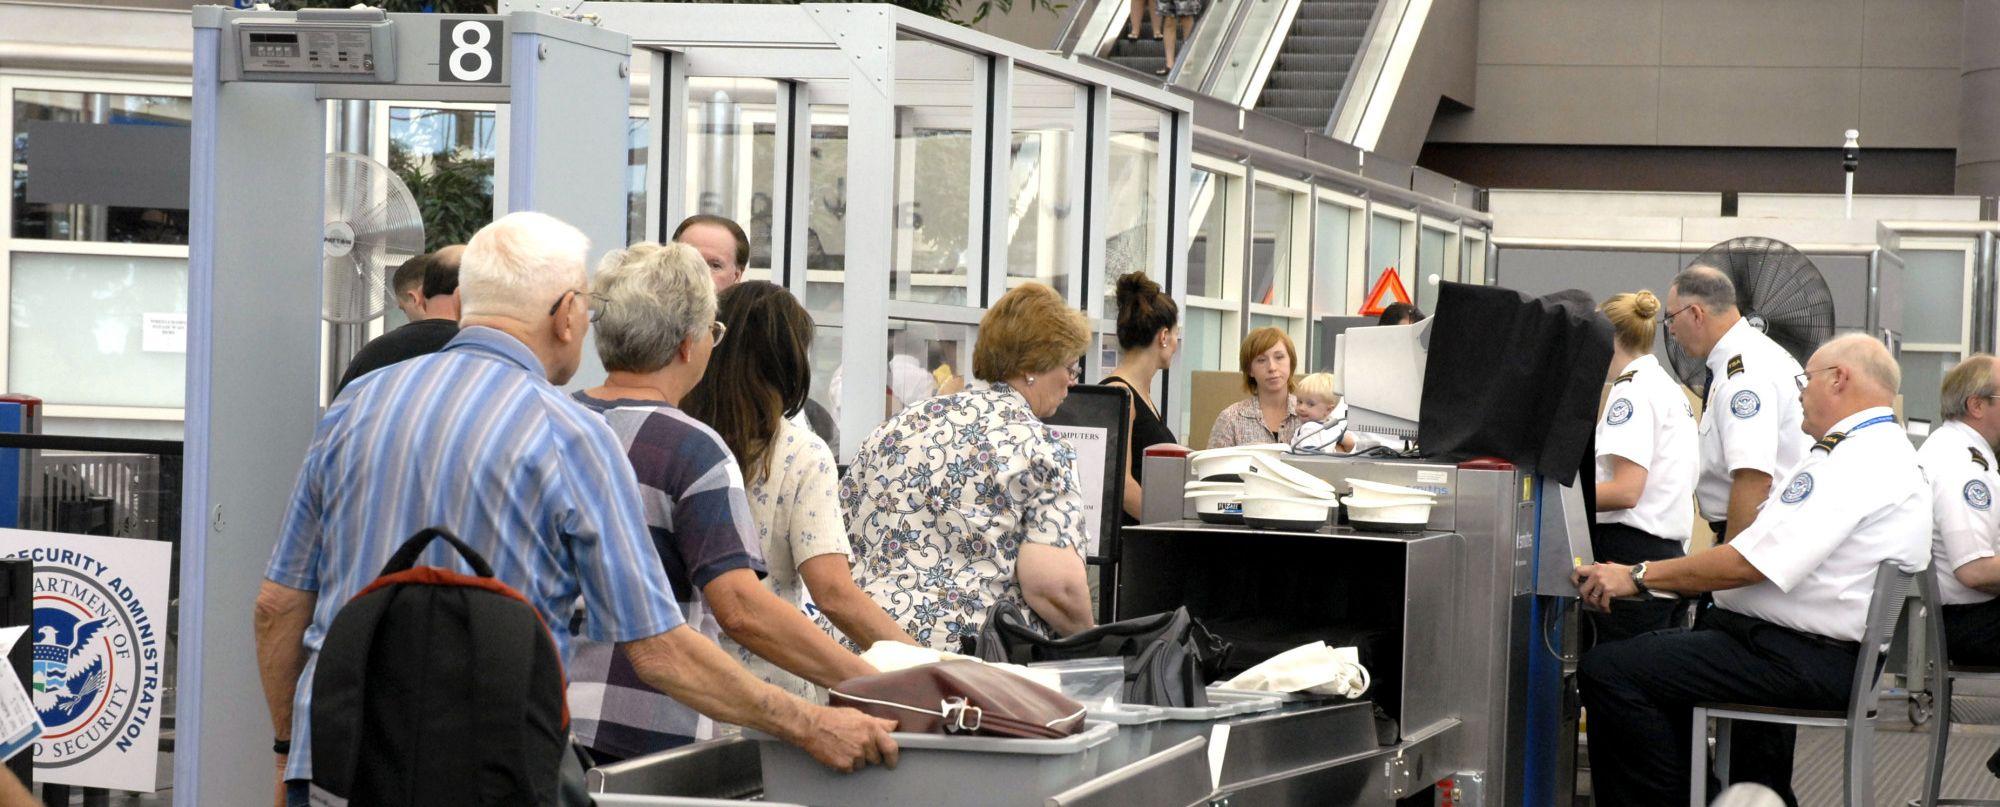 Cổng an ninh - tiếng anh cơ bản khi đi máy bay